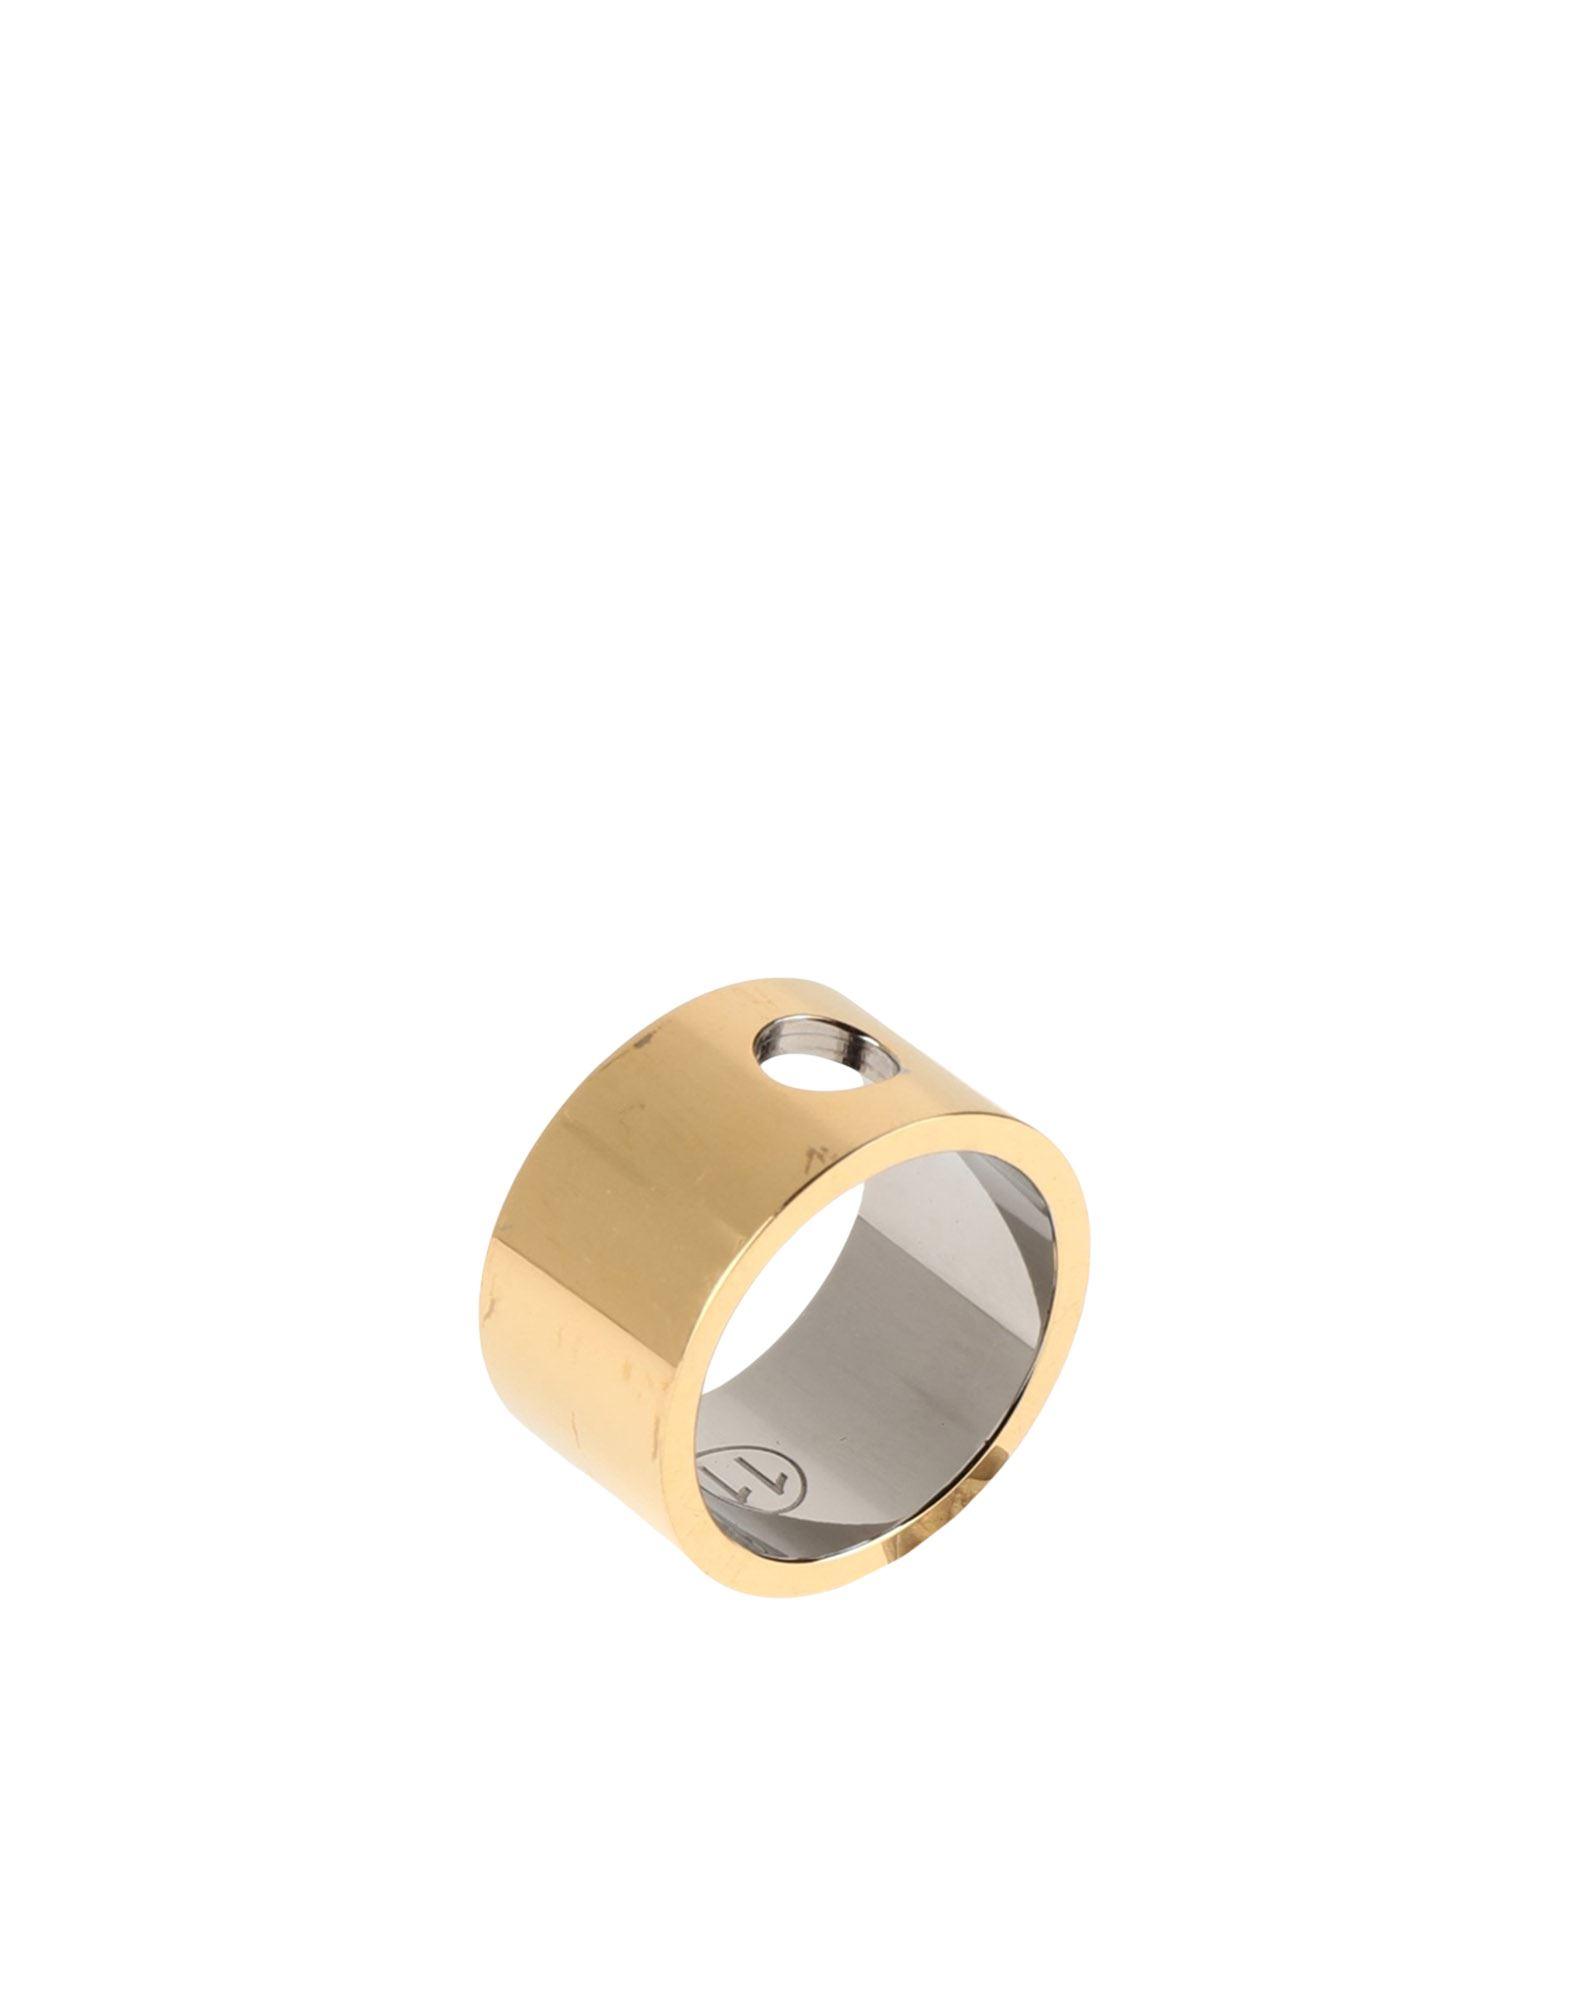 MAISON MARGIELA メゾン マルジェラ メンズ 指輪 ゴールド